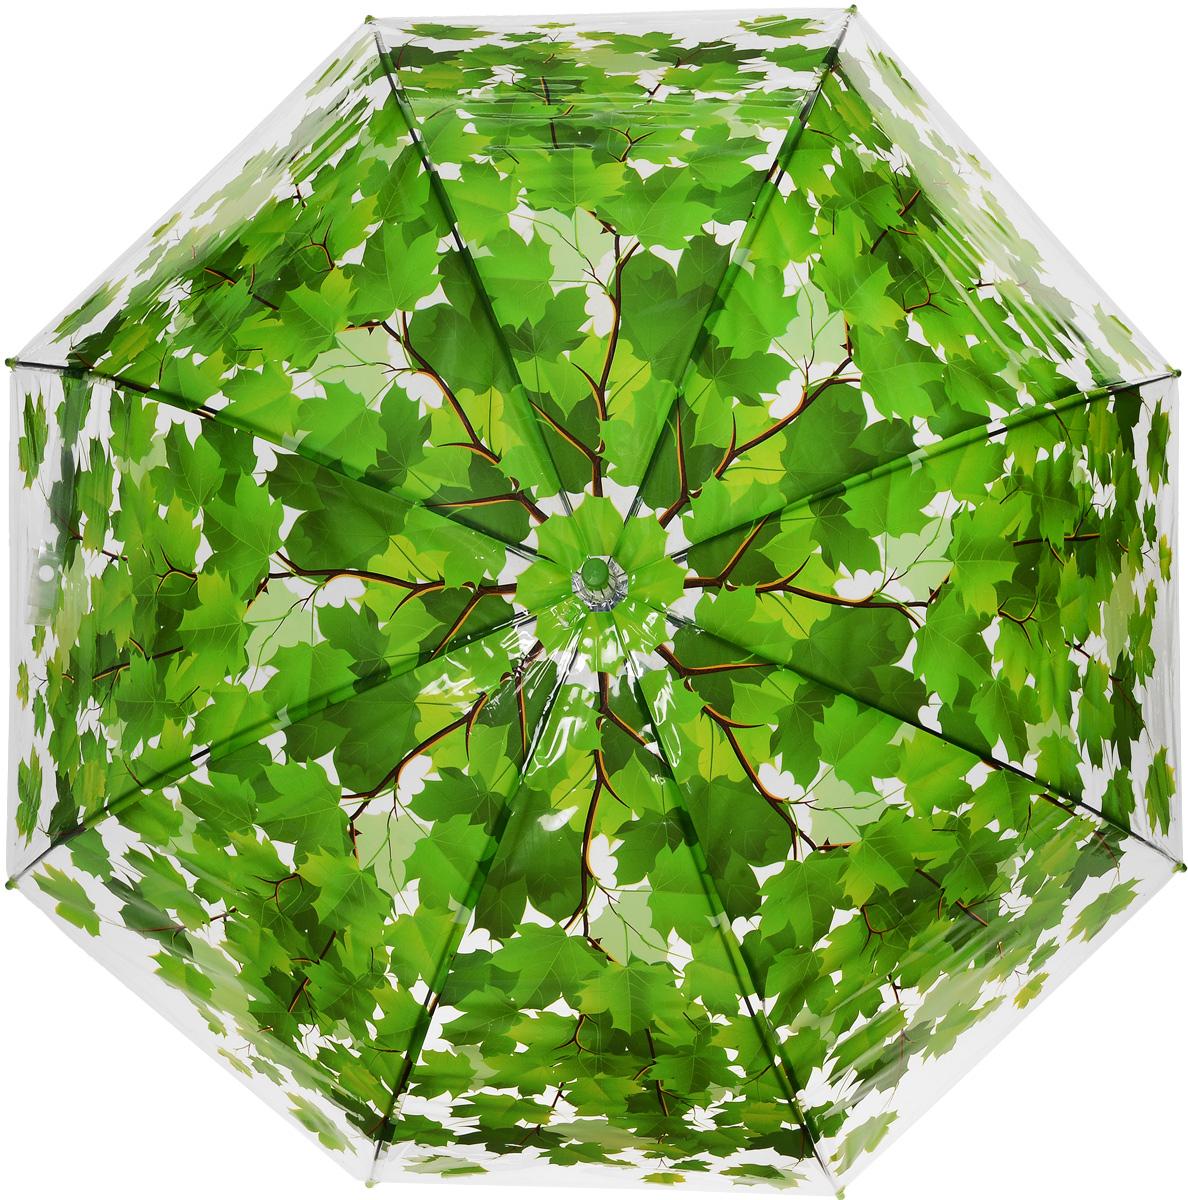 Зонт женский Эврика Листья, цвет: зеленый. 965663.7-12 navyЗонт-трость Эврика выполнен из прозрачного полиэтилена и оформлен принтом в виде кленовых листьев.Благодаря своему изяществу и утонченности орнамента он способен украсить даже самый пасмурный день. Лёгкий, практичный зонт-полуавтомат послужит верным спутником дамы, желающей выглядеть стильно в любую погоду.